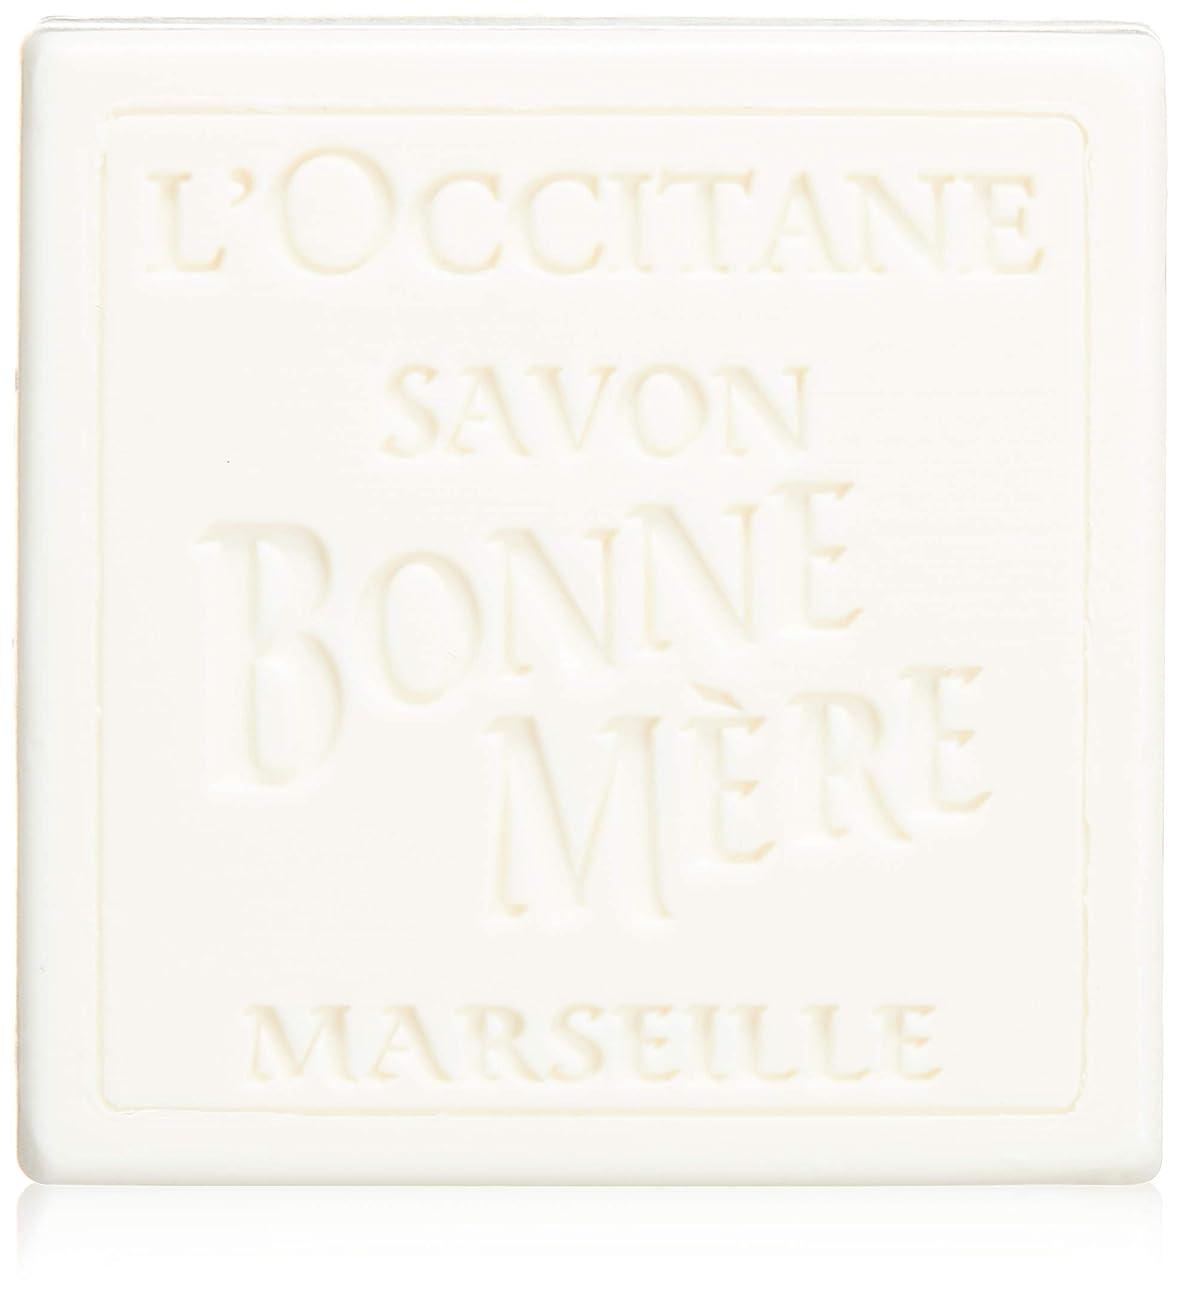 すごい謎対象ロクシタン(L'OCCITANE) ボンメールソープ ミルク 100g